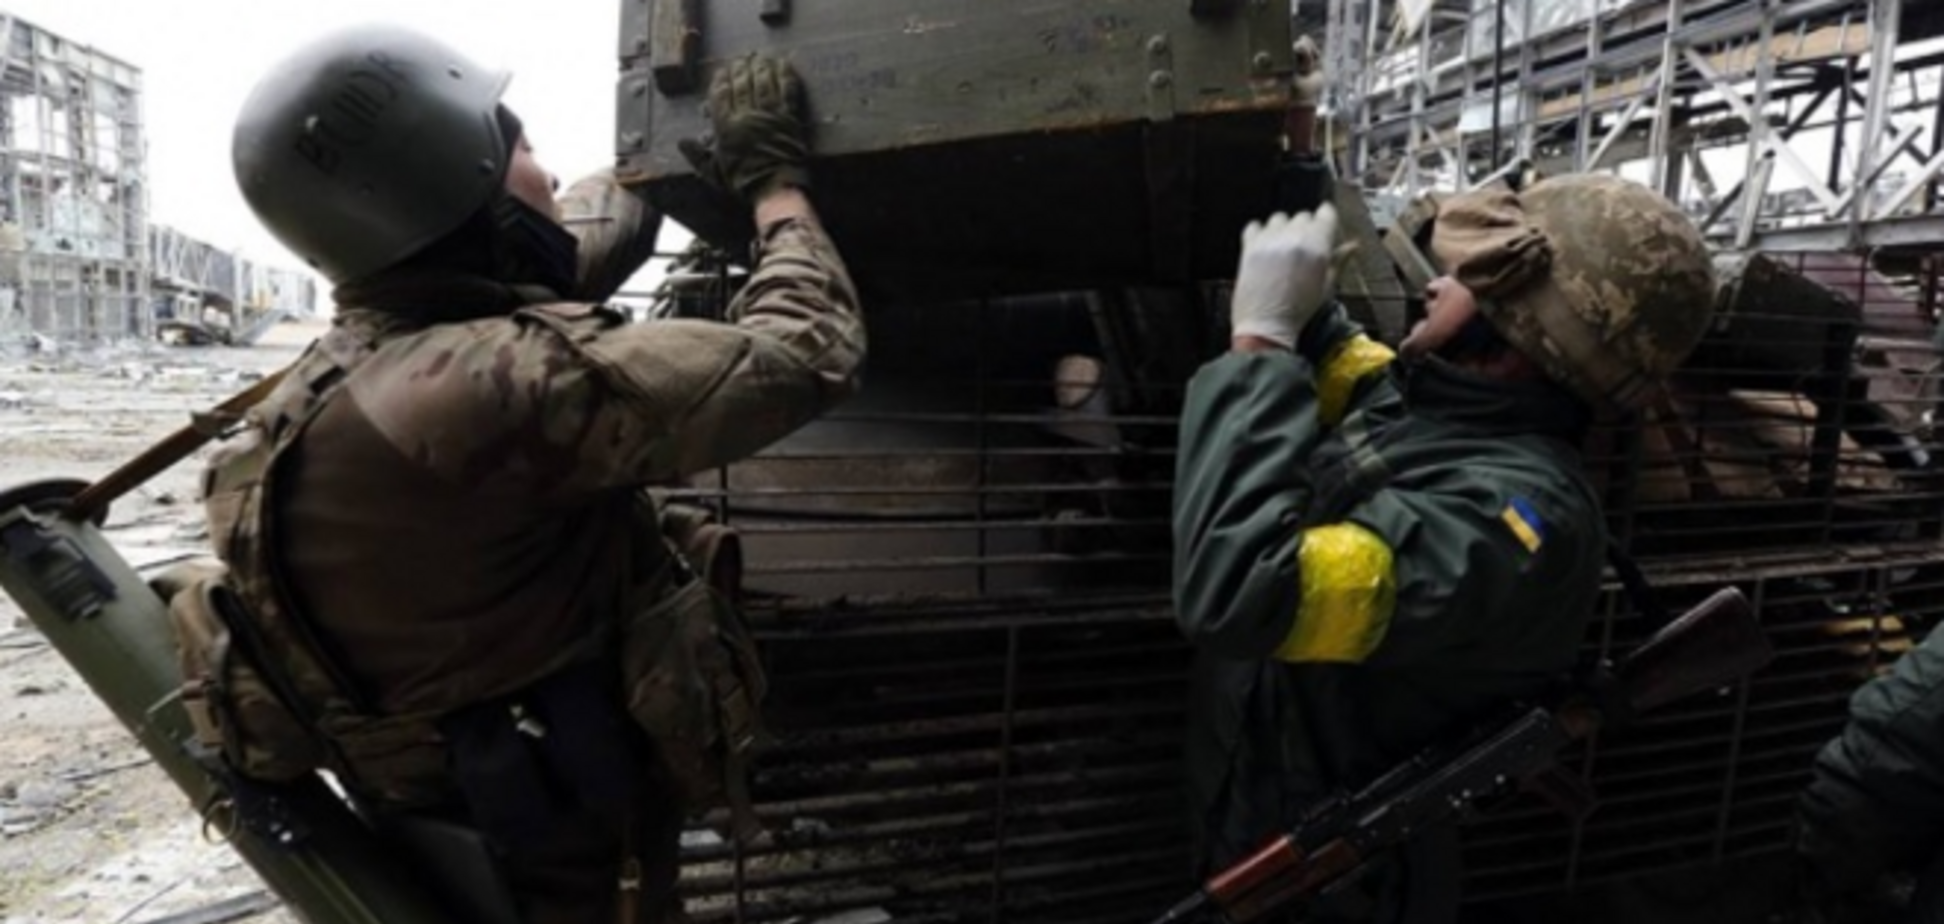 Появились жуткие фото, как 'киборги' из донецкого аэропорта отправляют в последний путь погибшего танкиста